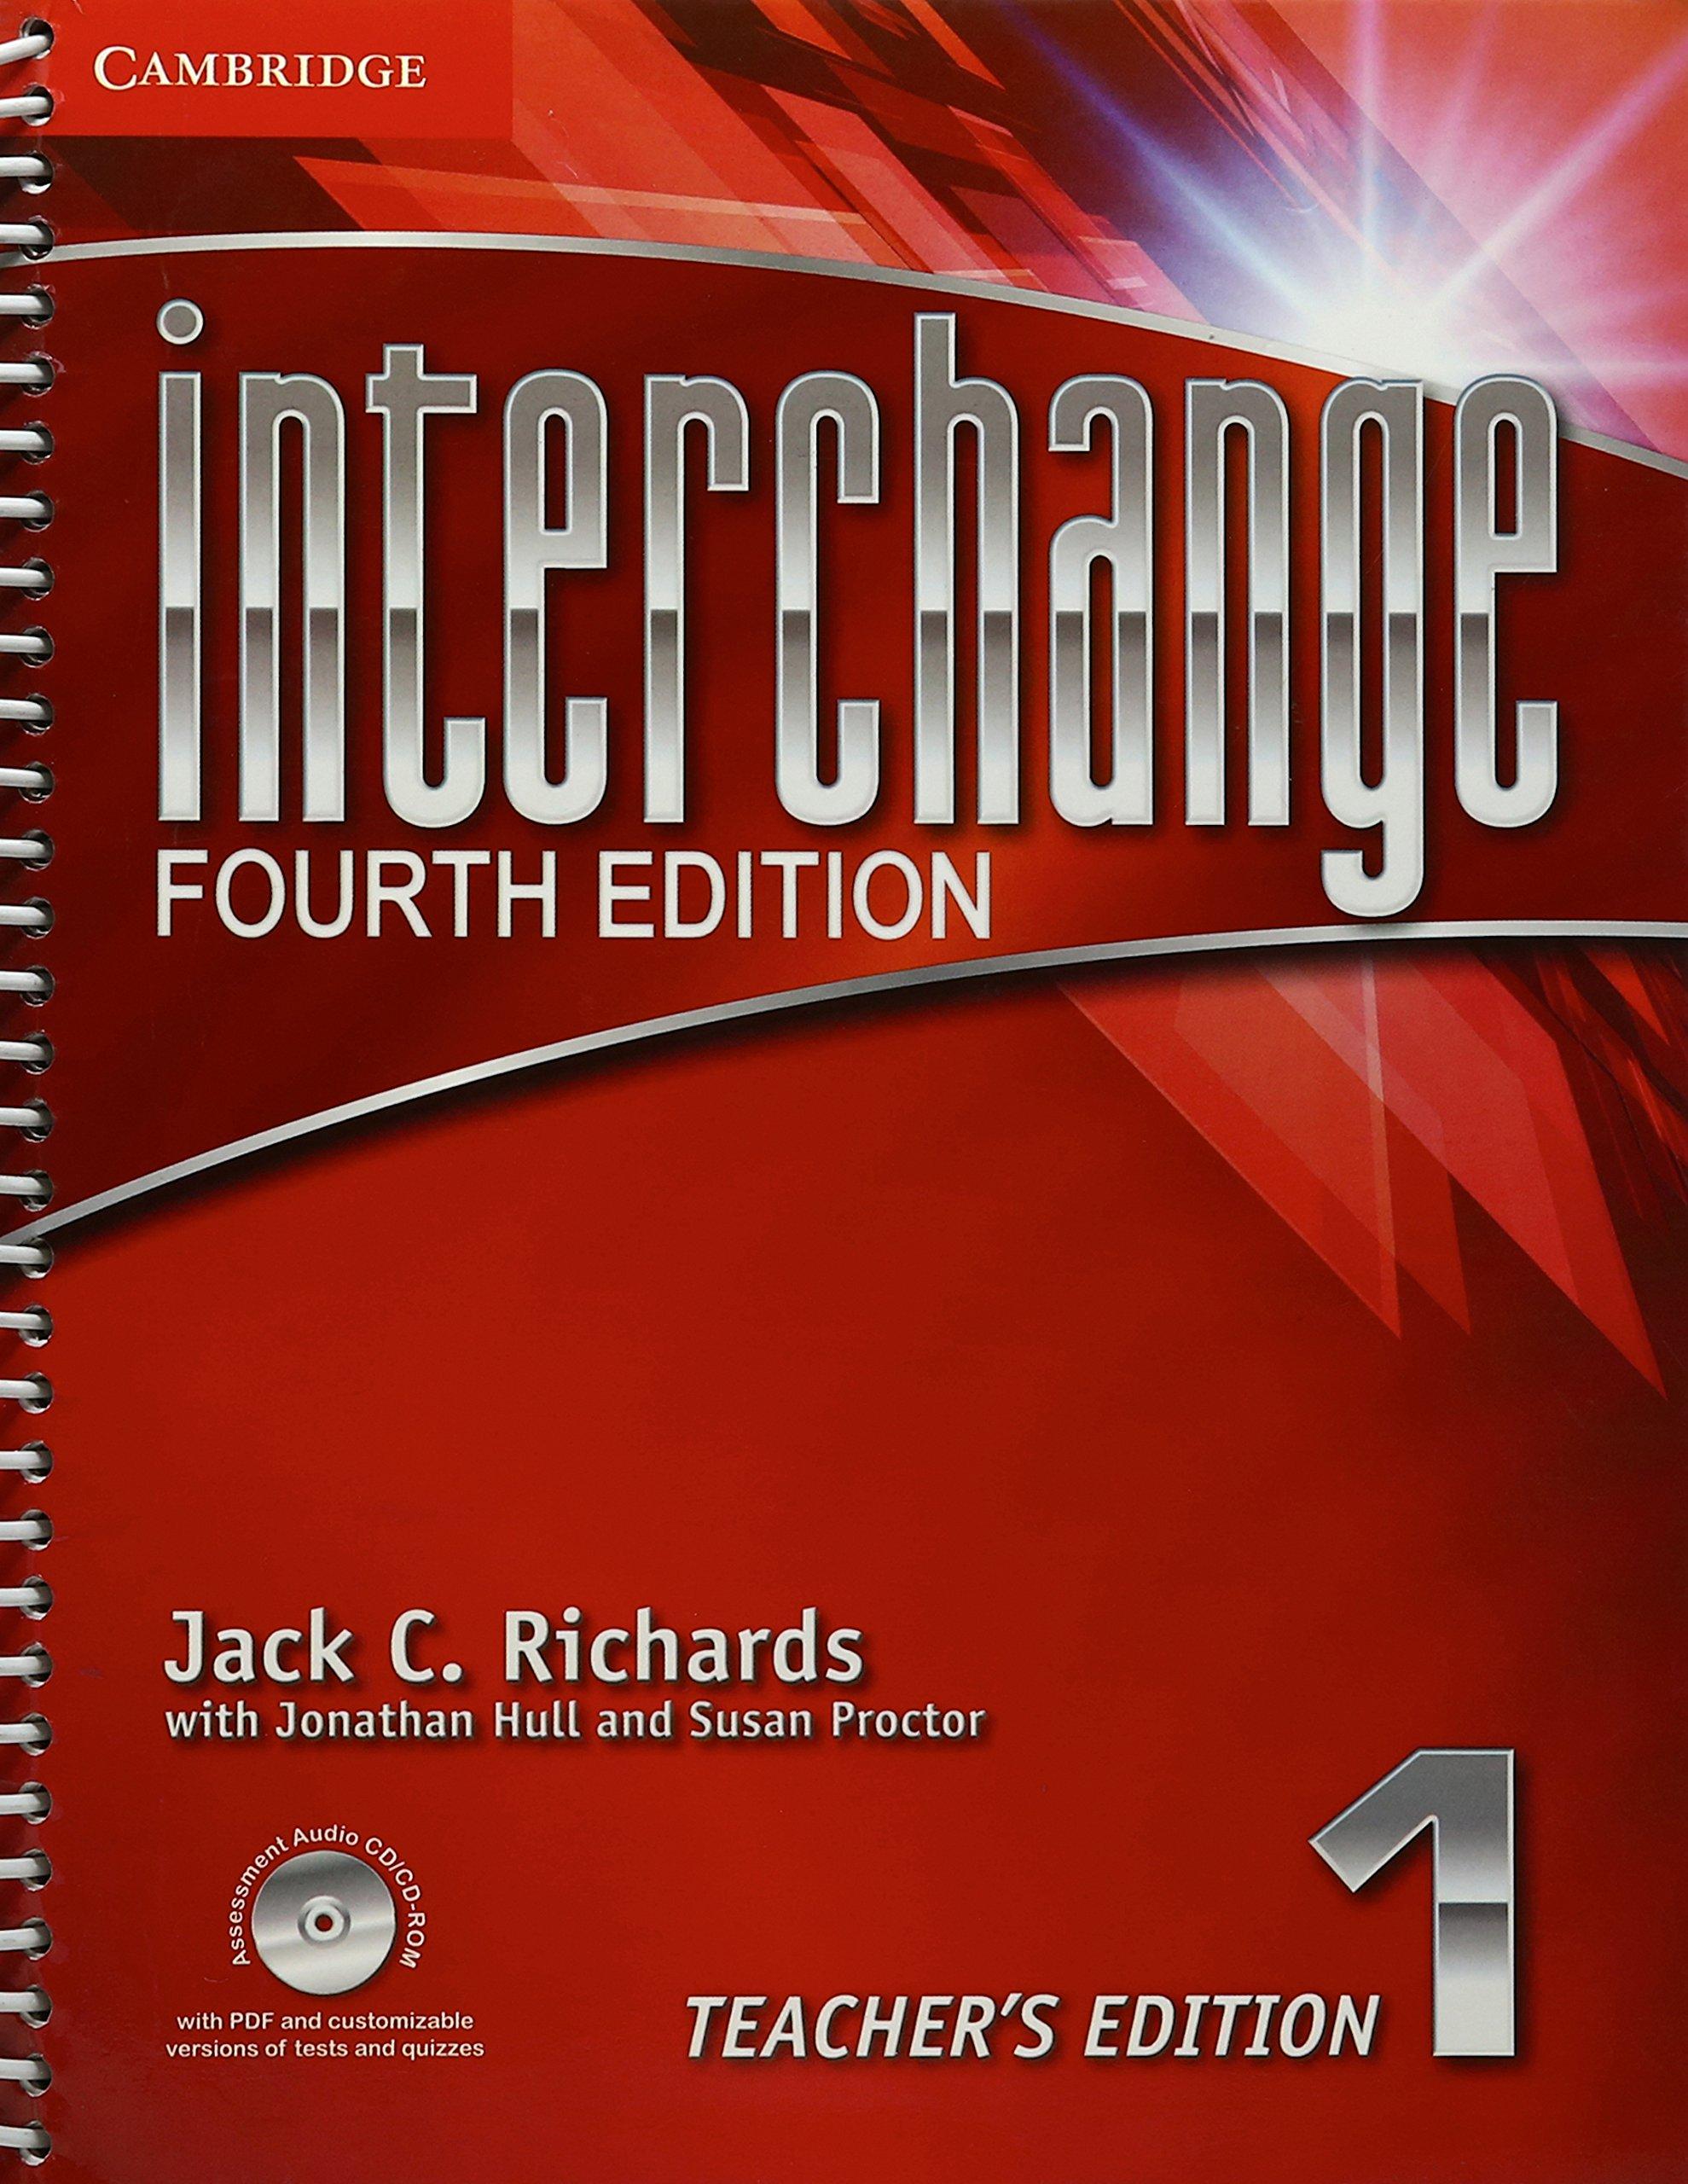 edition teachers fourth book interchange